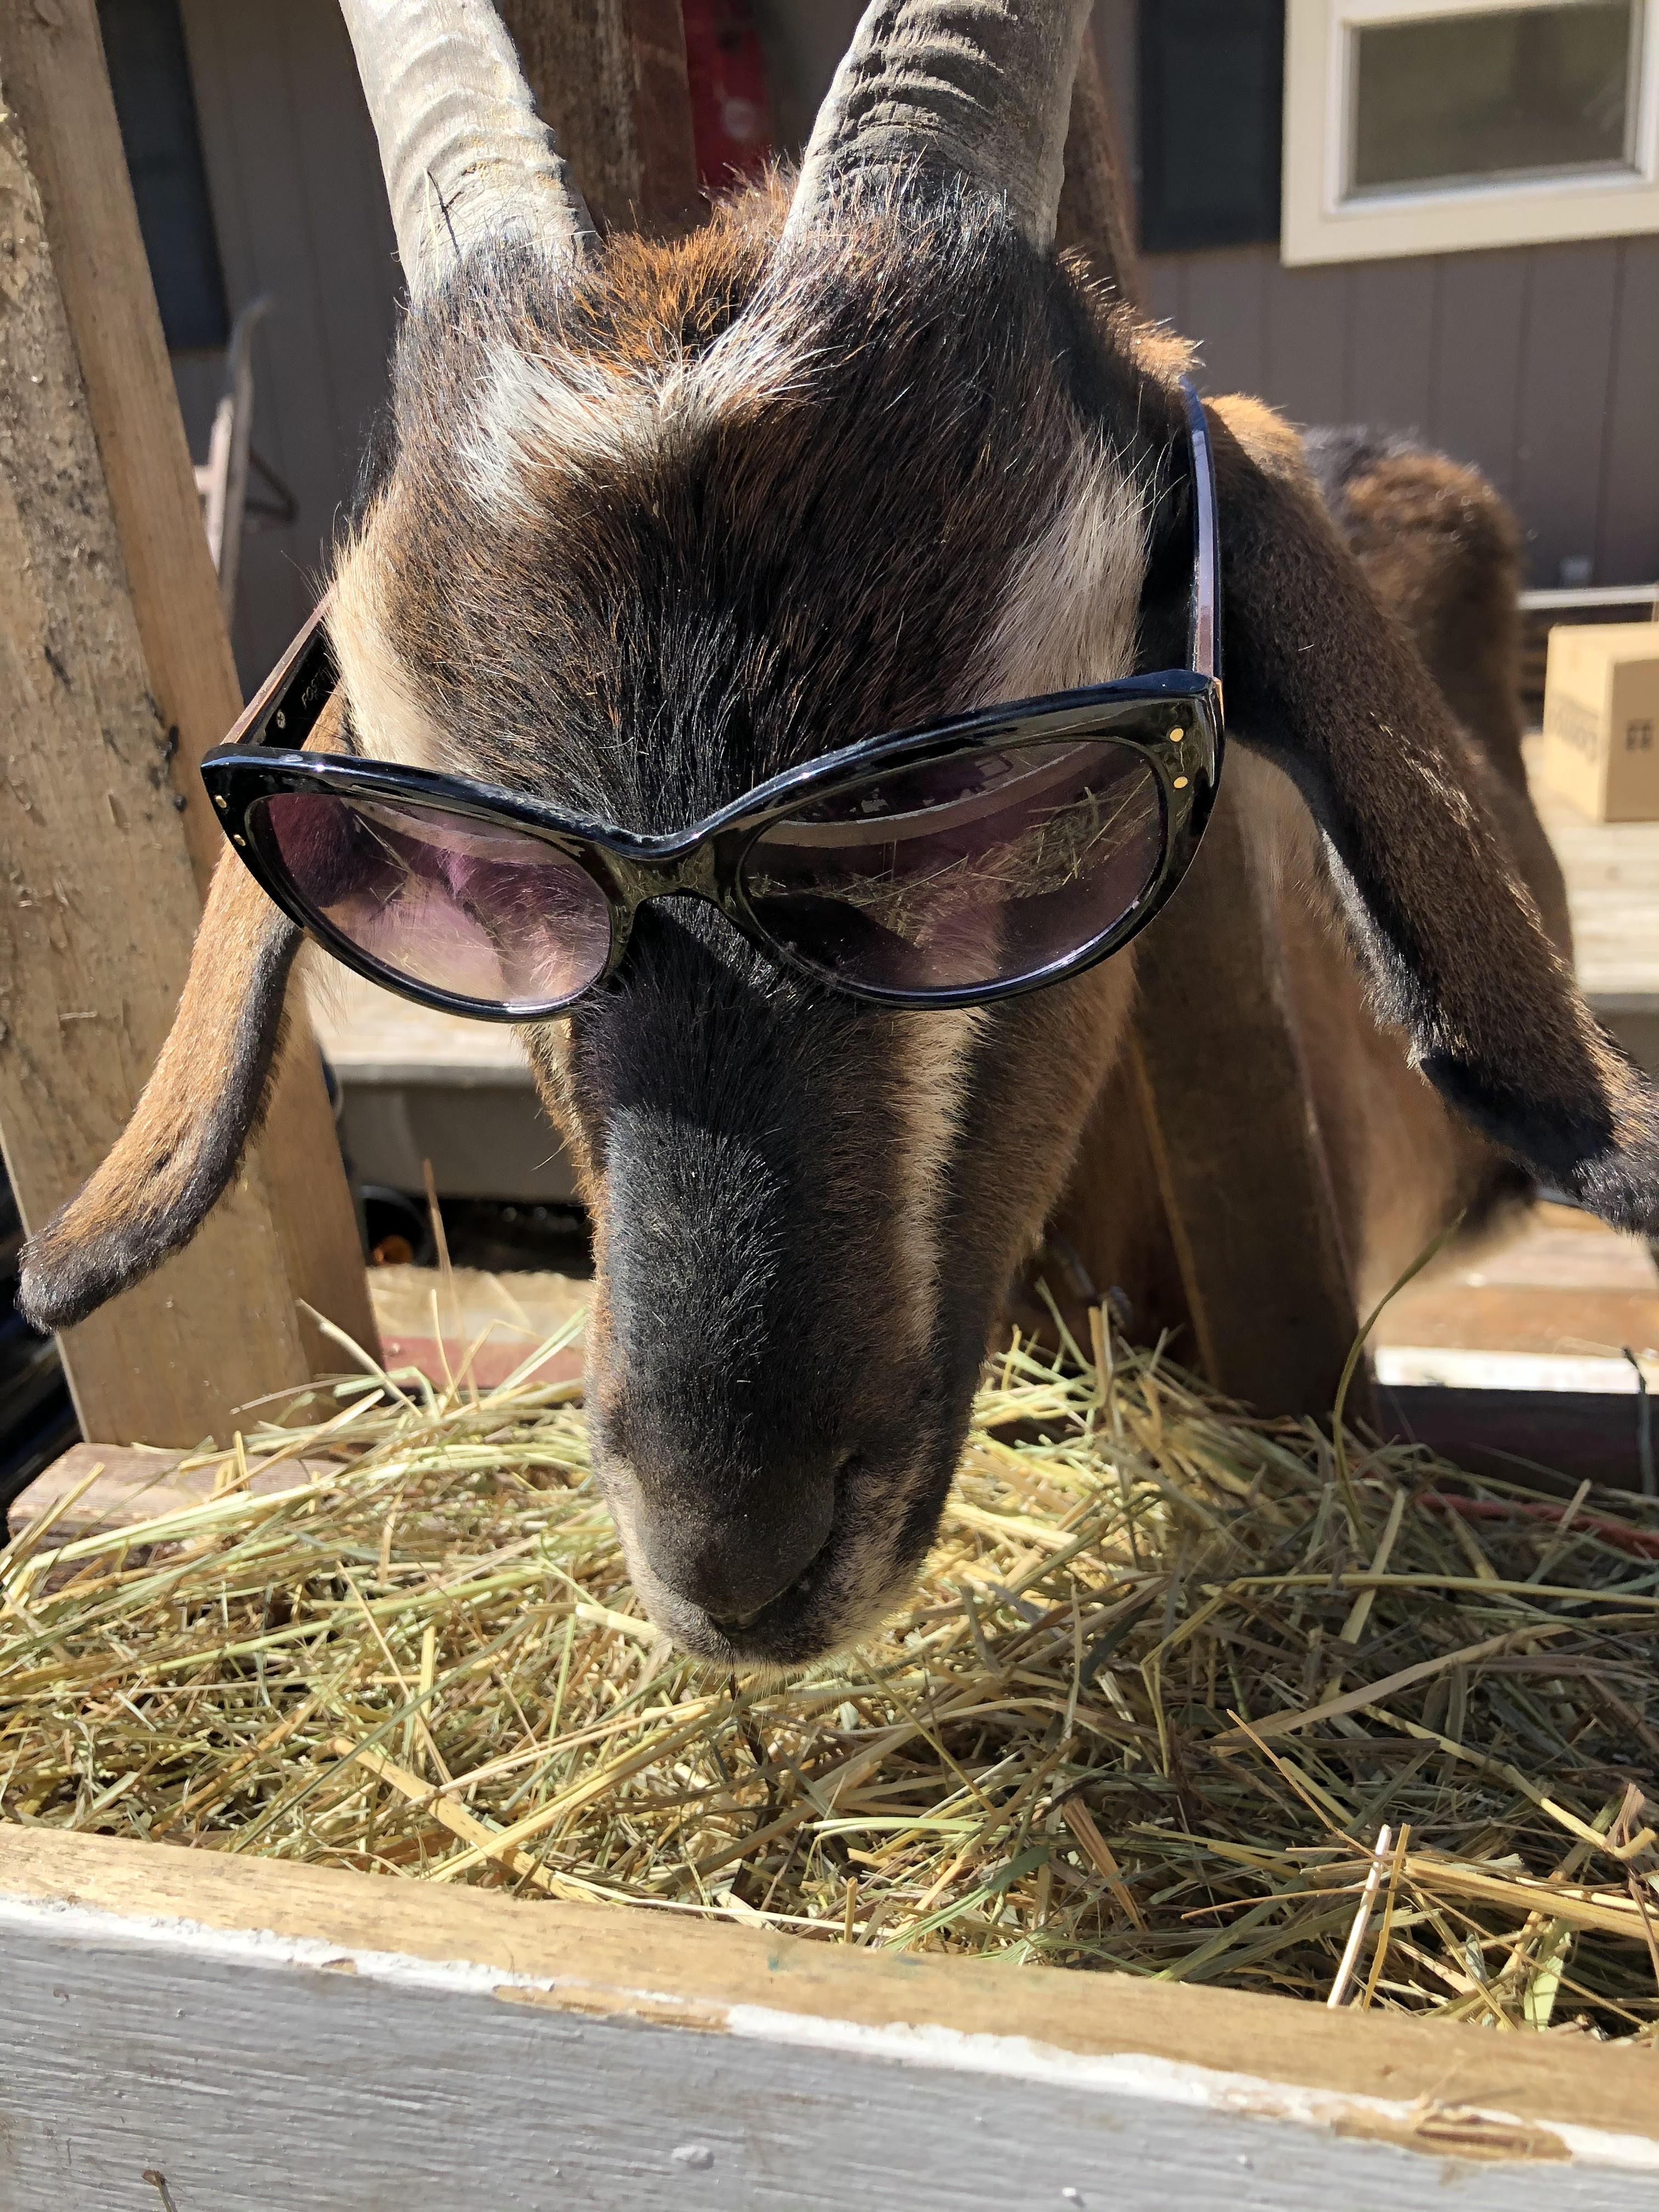 Cheyenne sunglasses